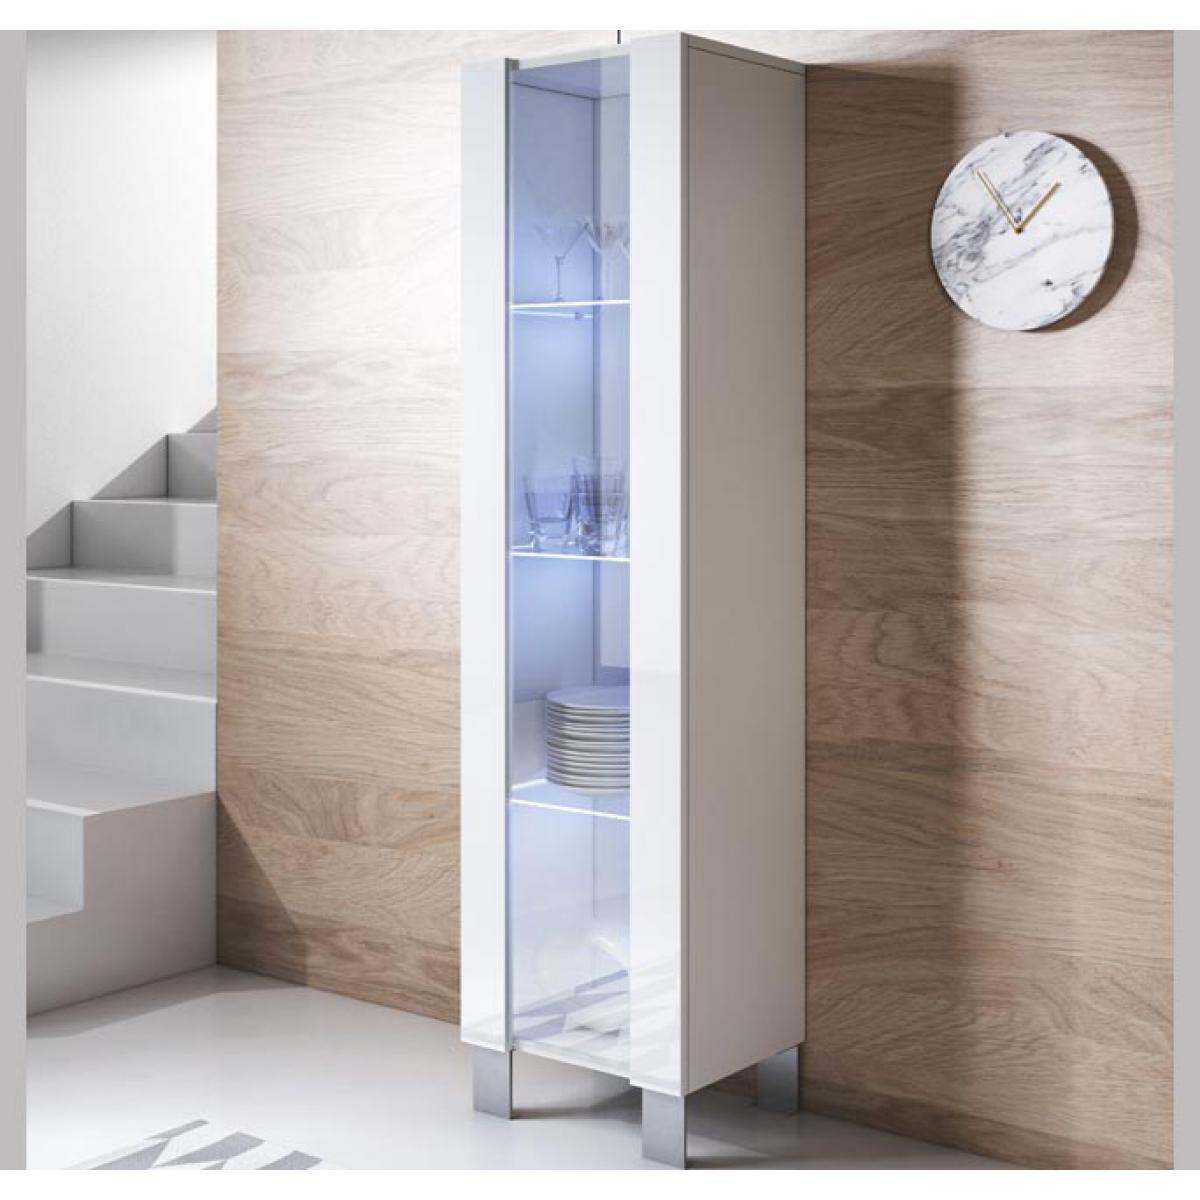 Design Ameublement Vitrine modèle Luke V5 (40x177cm) couleur blanc avec pieds en aluminium